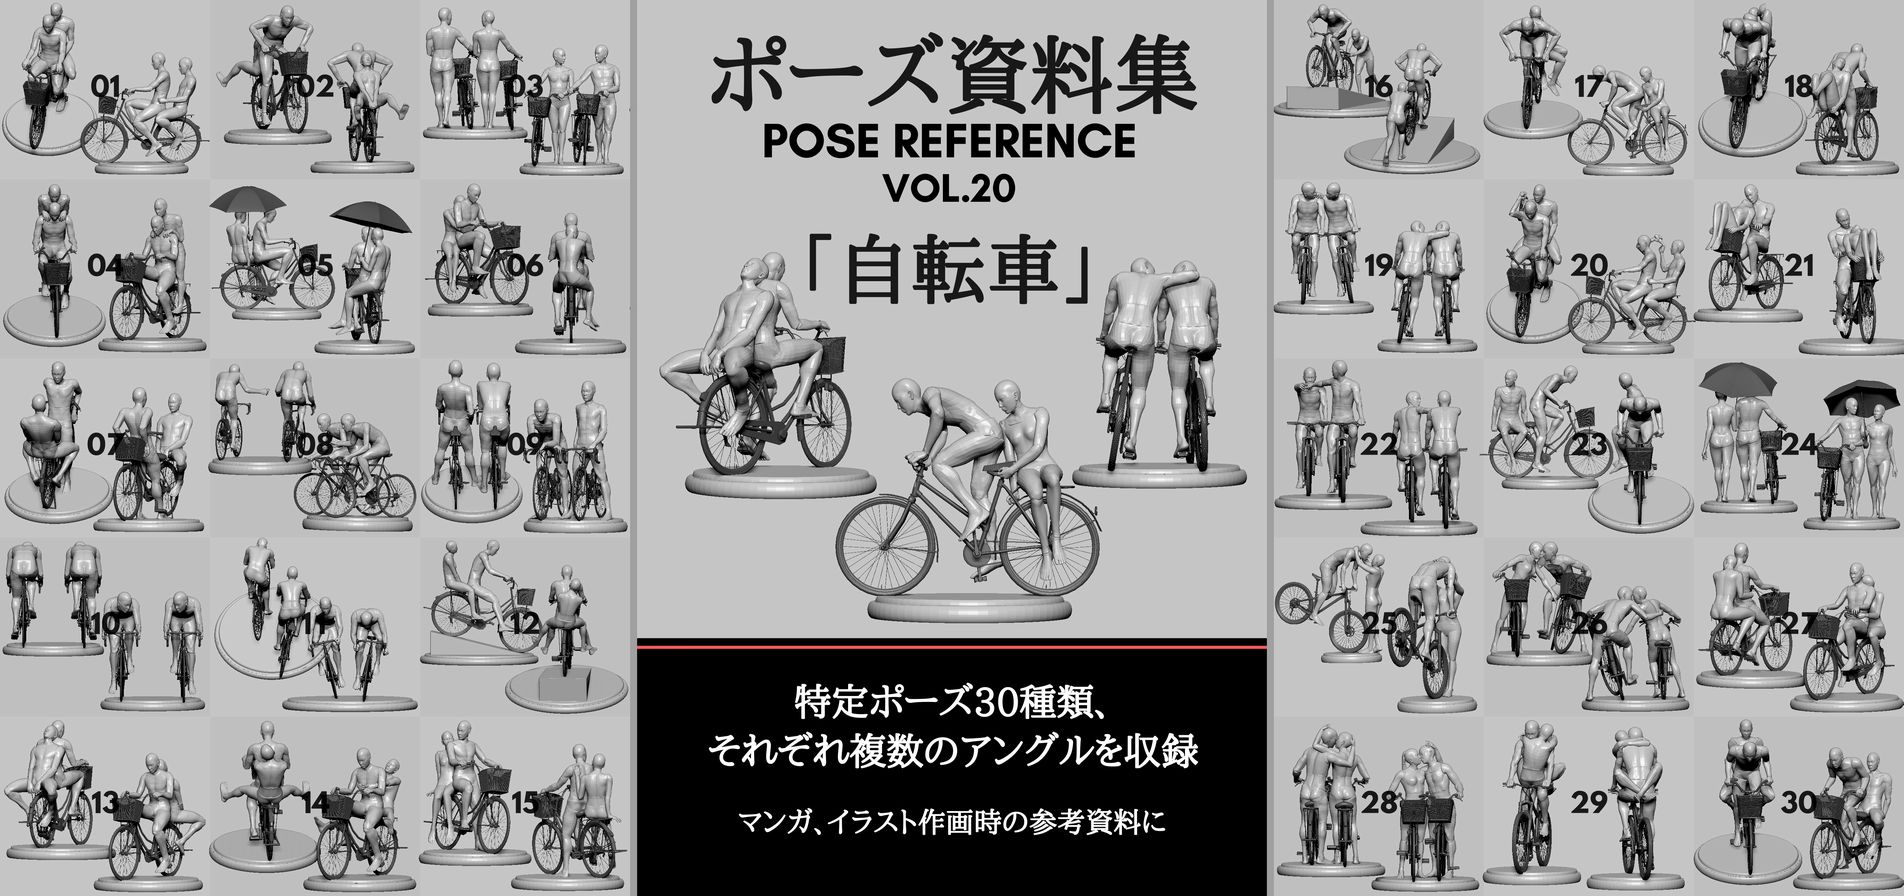 f:id:oosaji:20210612160849j:plain